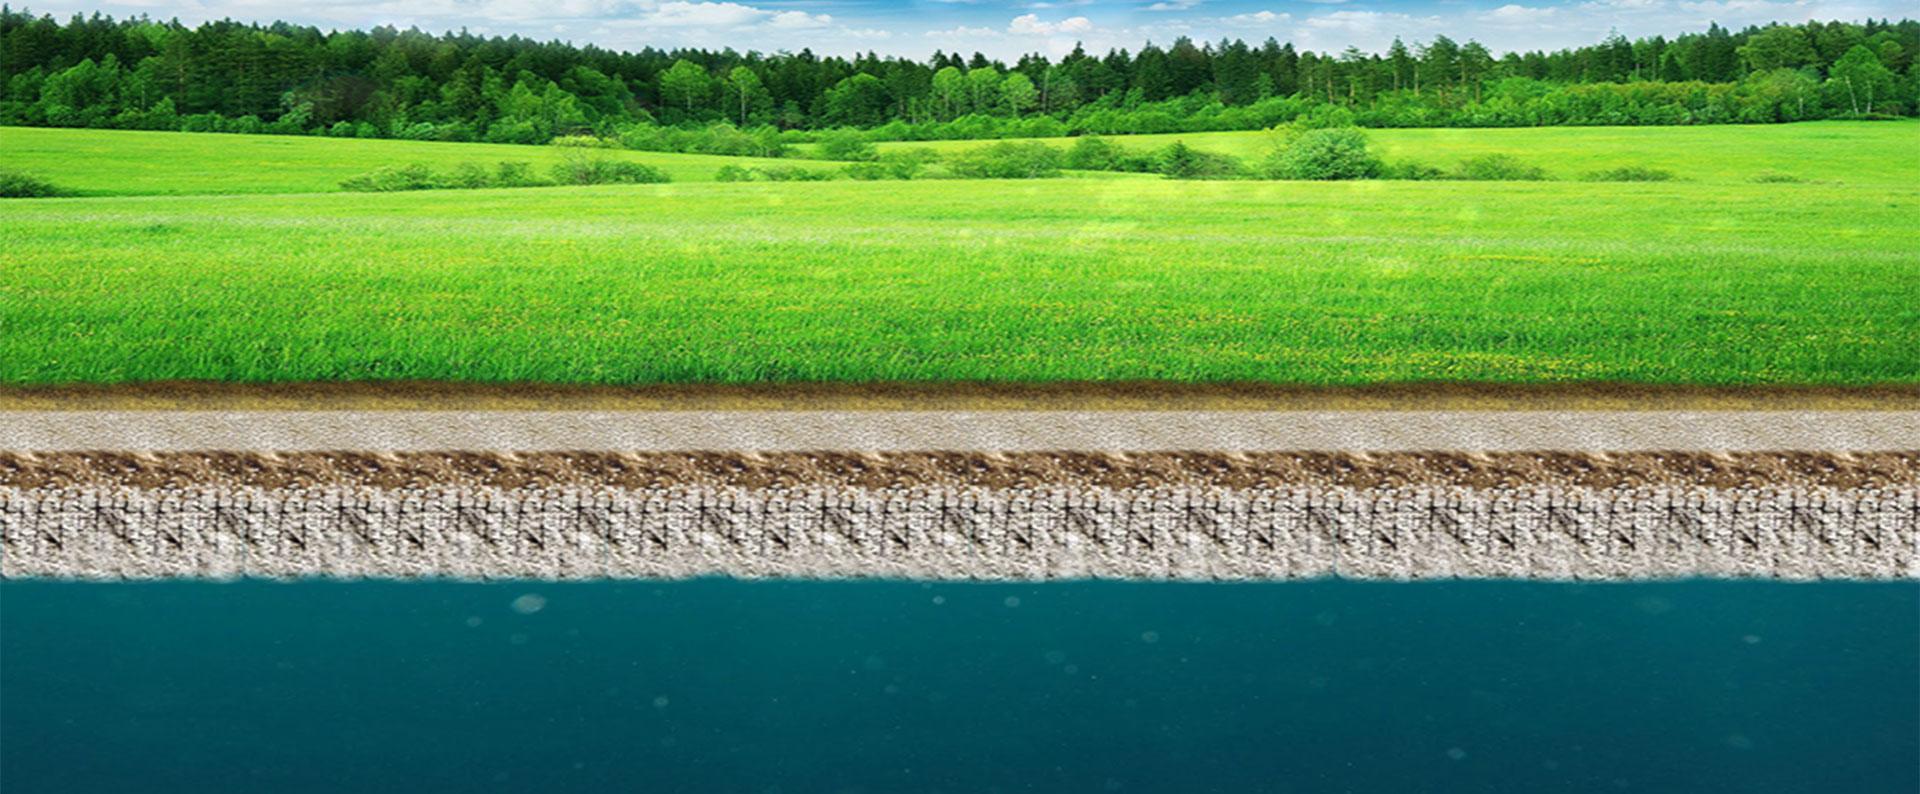 aprovechamiento-y-manejo-sustentable-de-los-acuiferos-cecamin